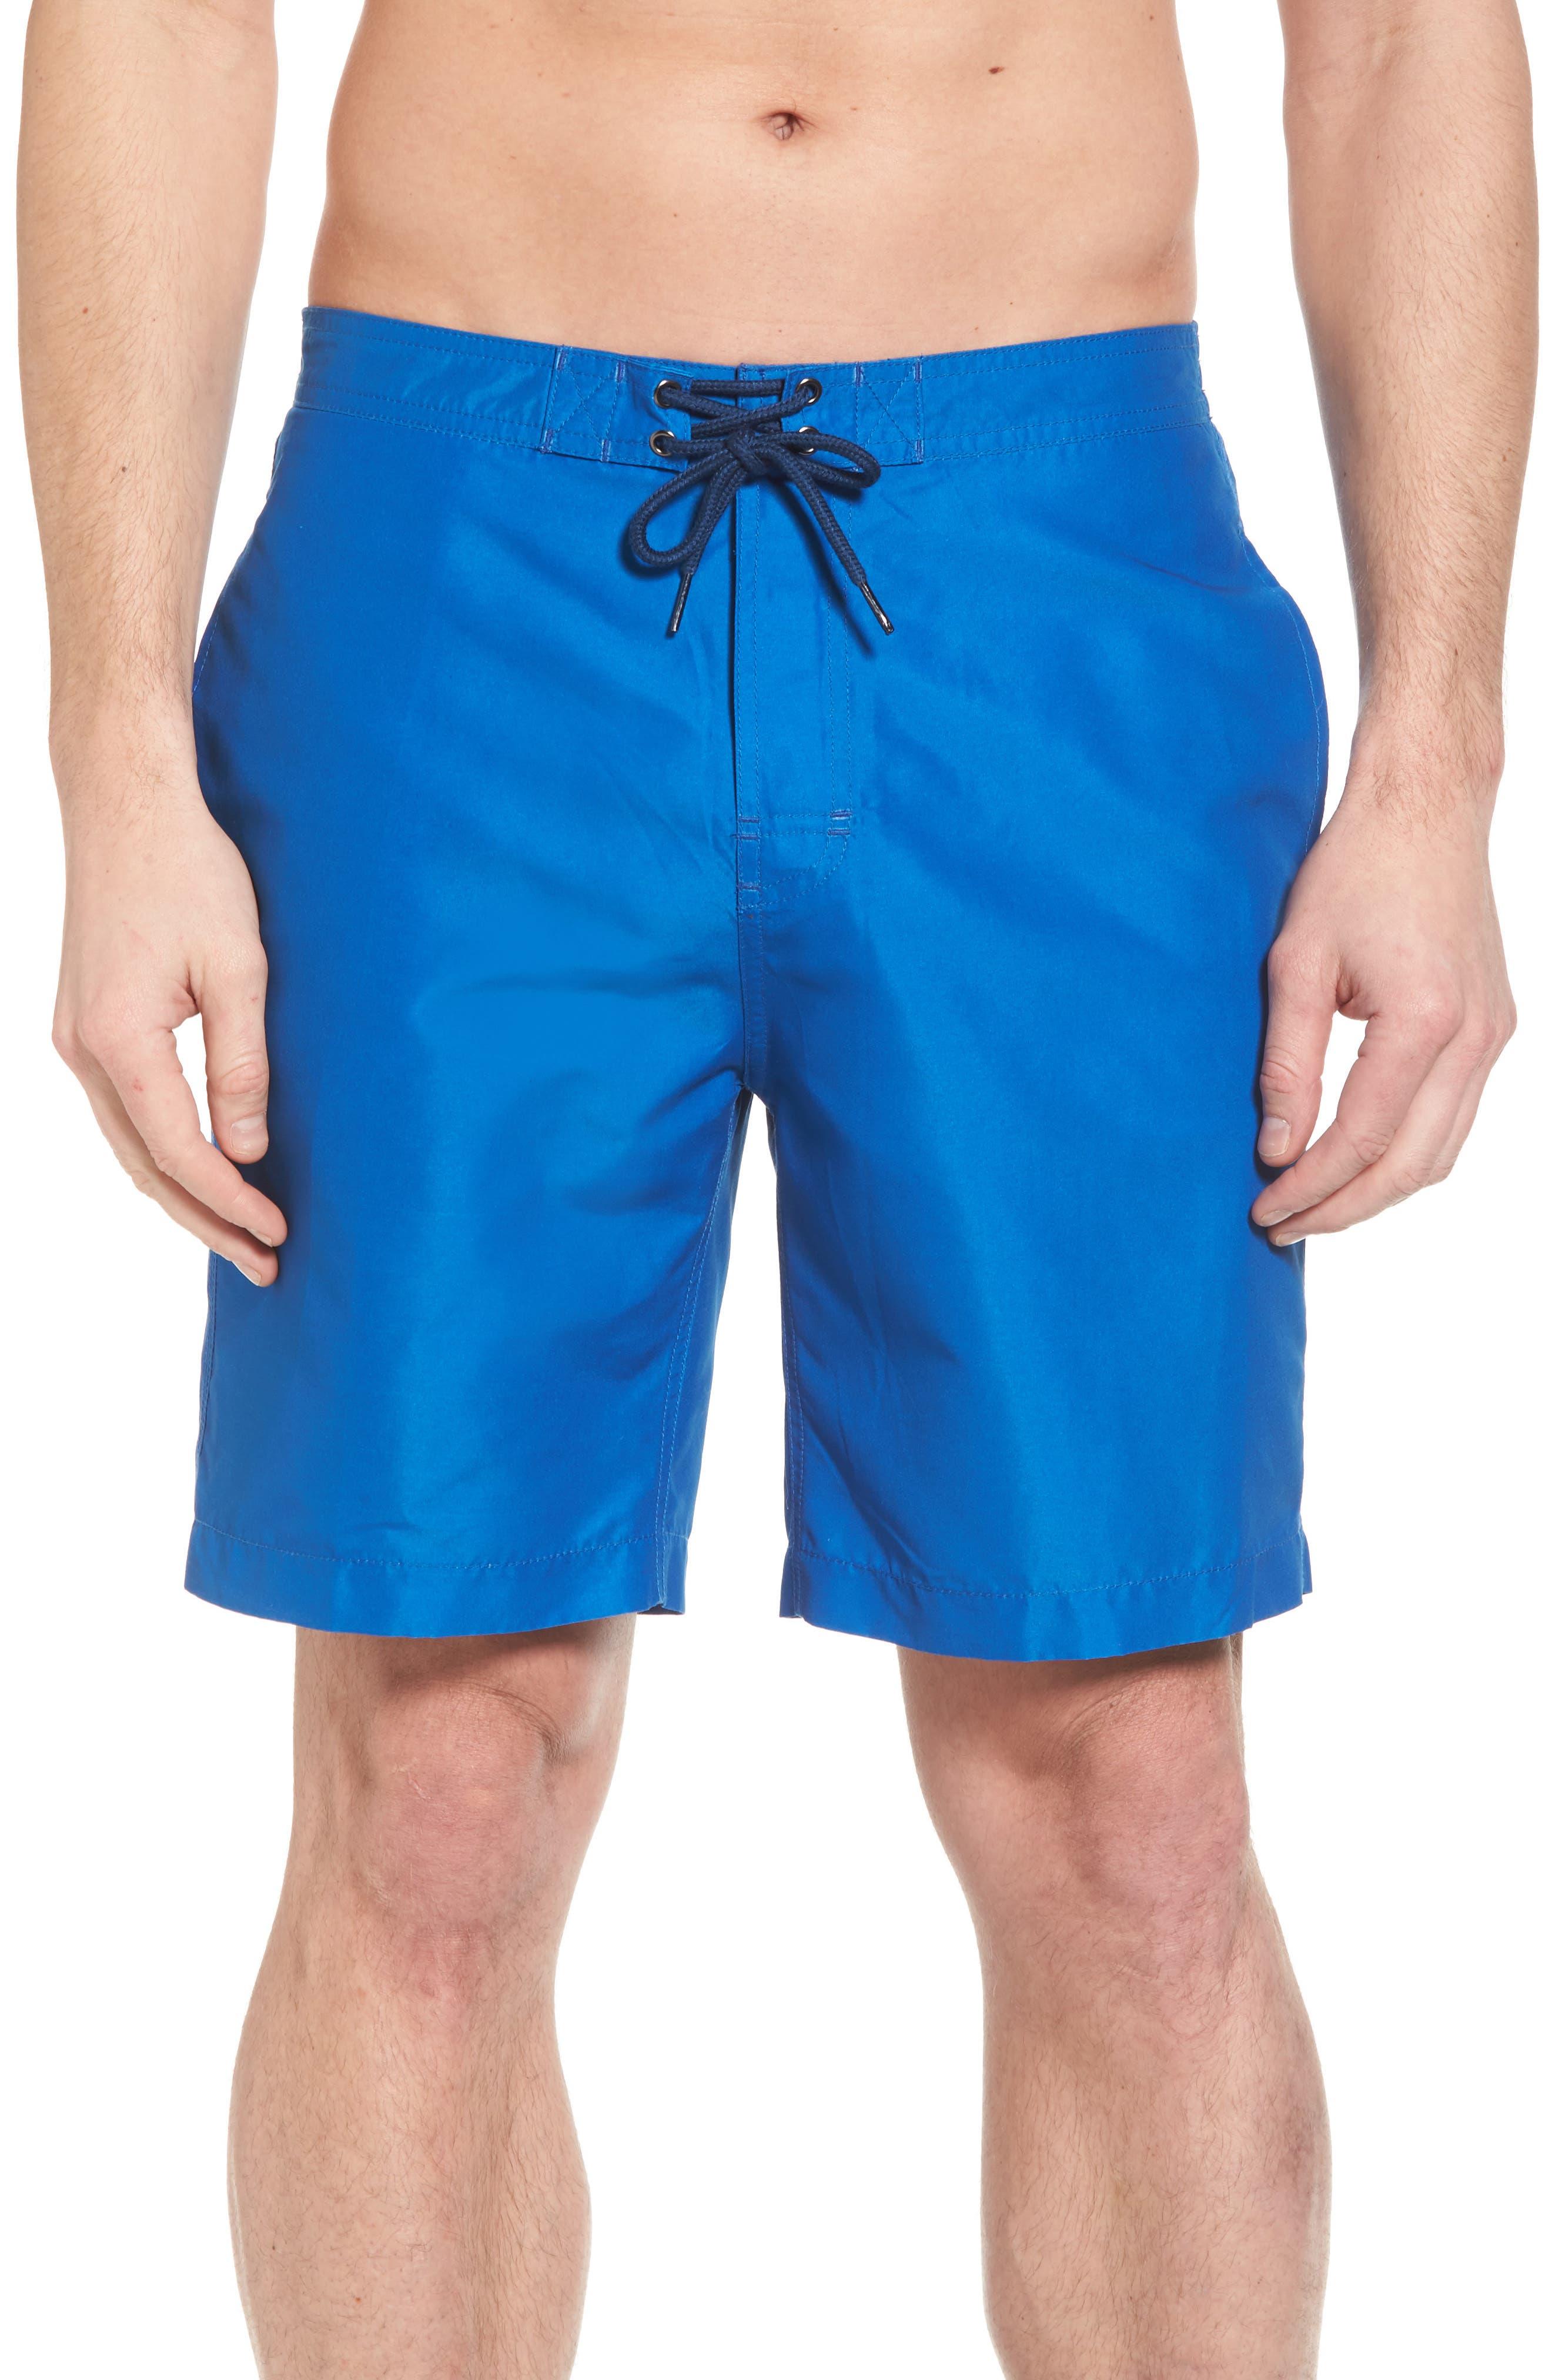 Swami Solid Board Shorts,                             Main thumbnail 1, color,                             Nautical Blue/ Marine